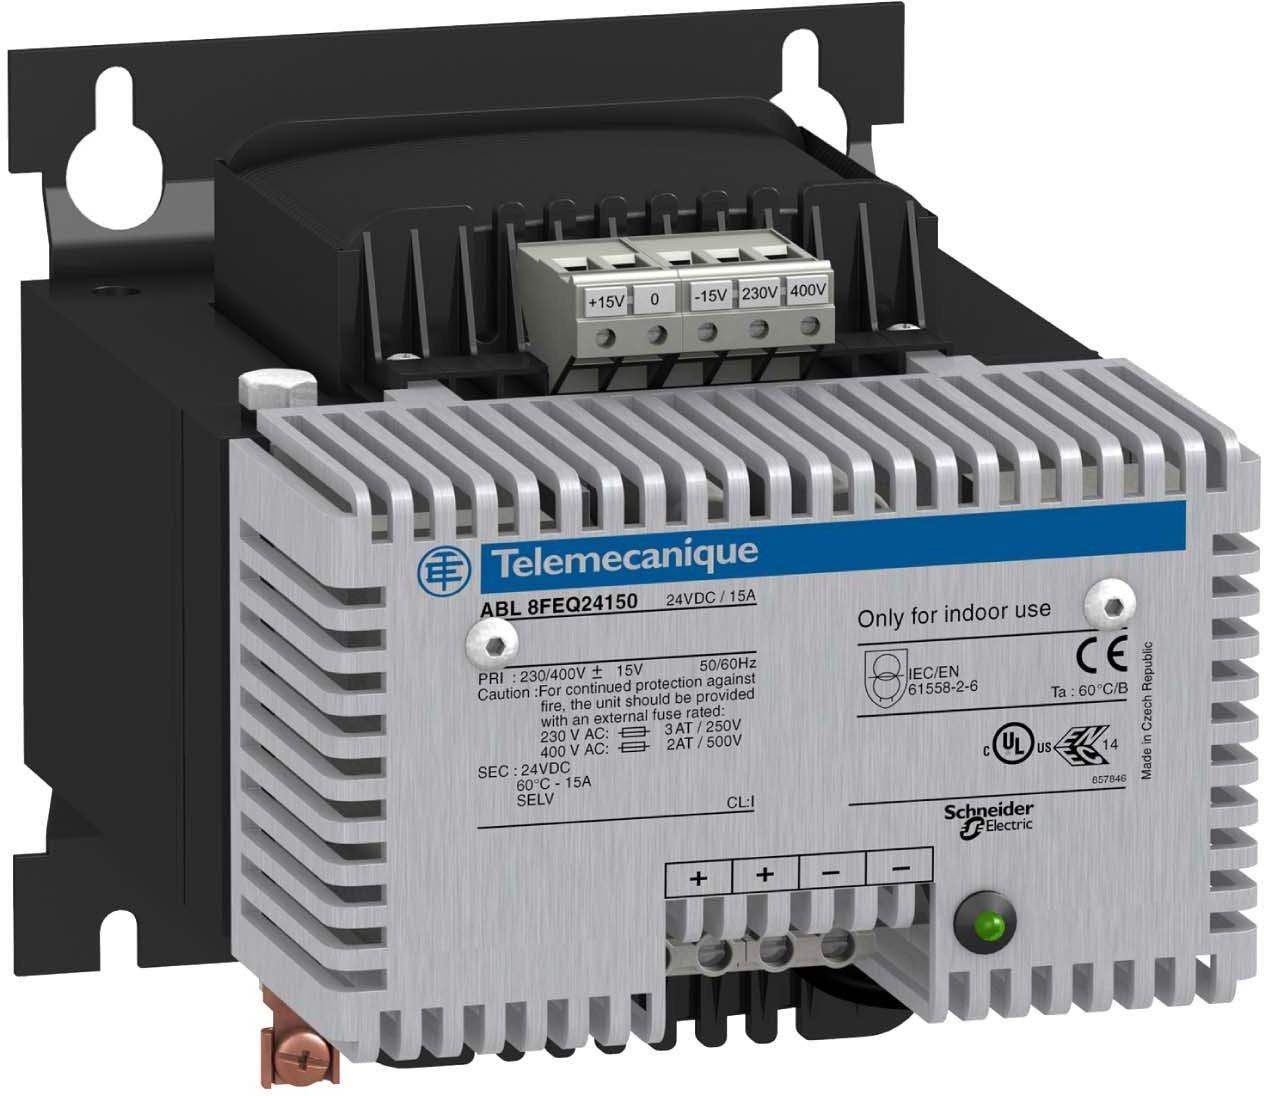 Schneider Electric ABL8FEQ24200 Alimentación Rectificada y Filtrada, 1 o 2 Fases, 400V CA, 24V, 20A, 128mm x 215mm x 175mm